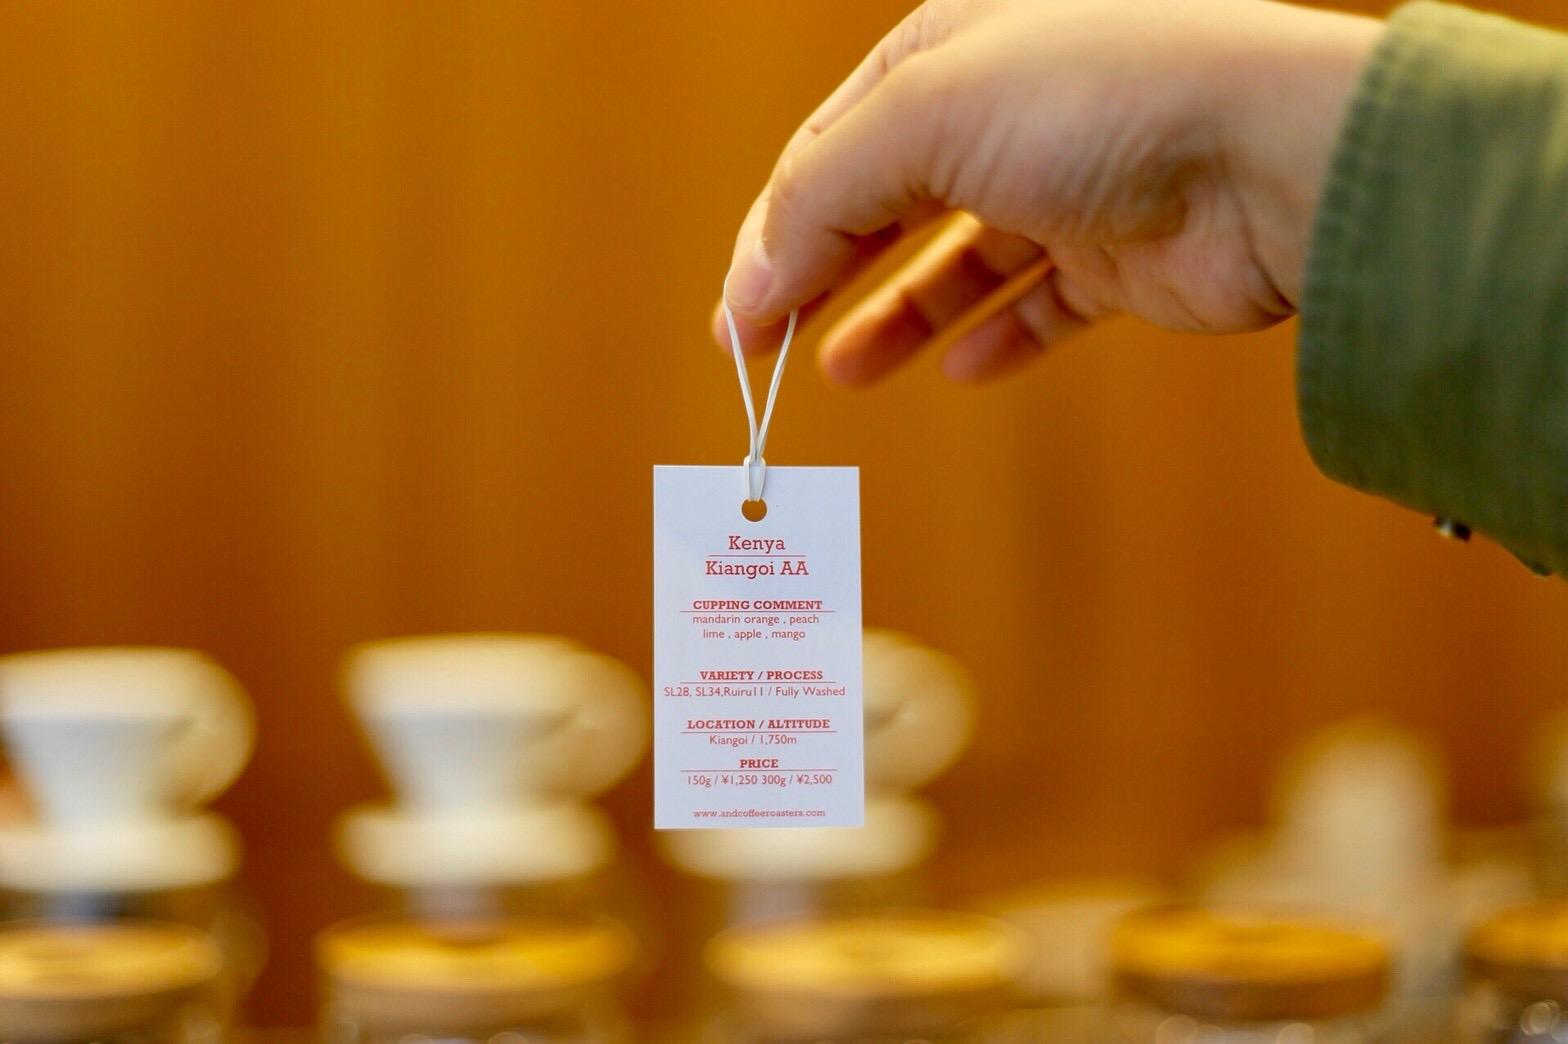 コーヒー豆の情報が記載されているカードを作りました!!